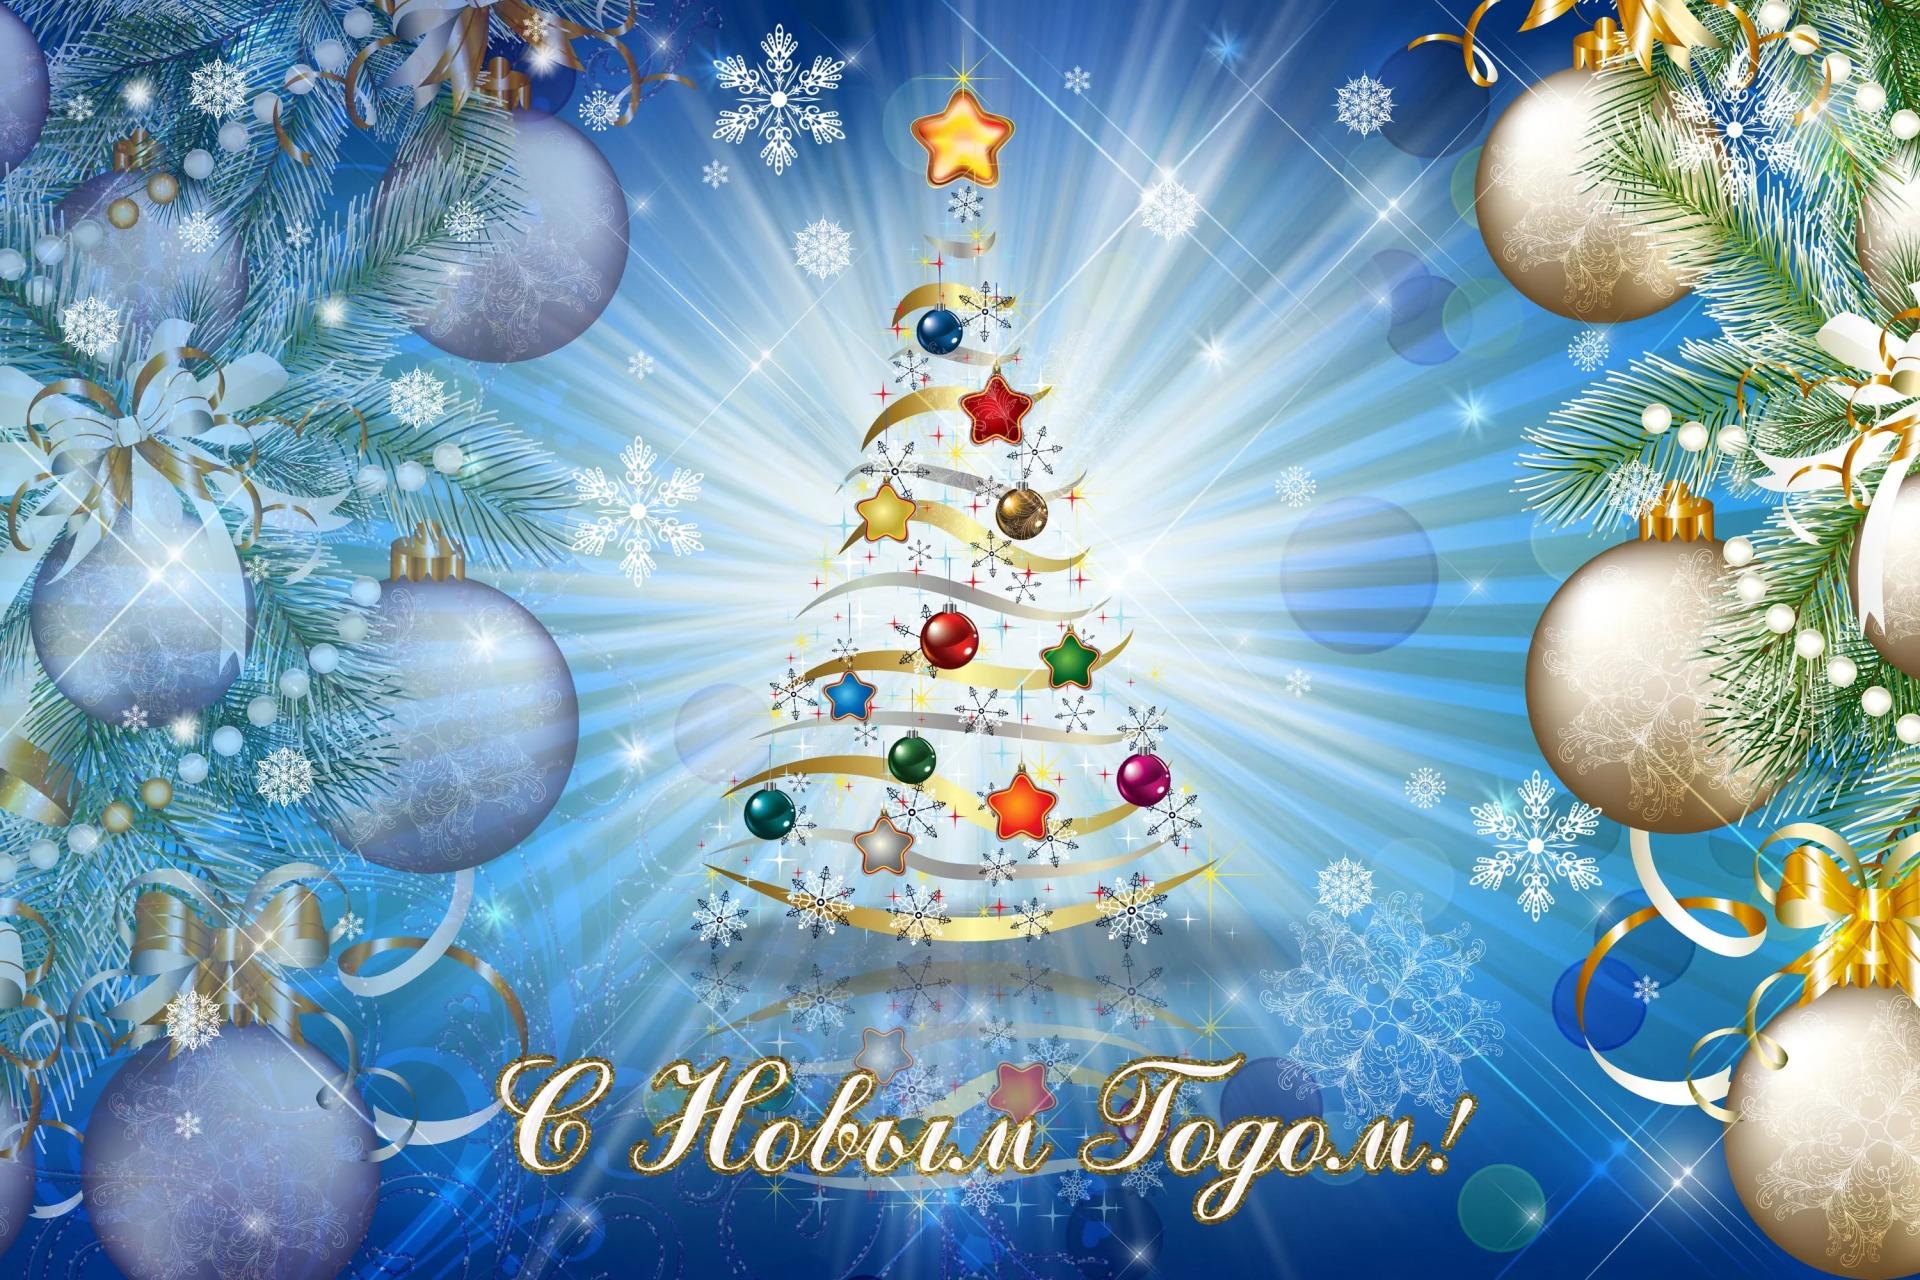 http://i.mirozor.ru/u/d6/dd13c2feeb11e89b87f8b0b3bf4133/-/htyt.jpg